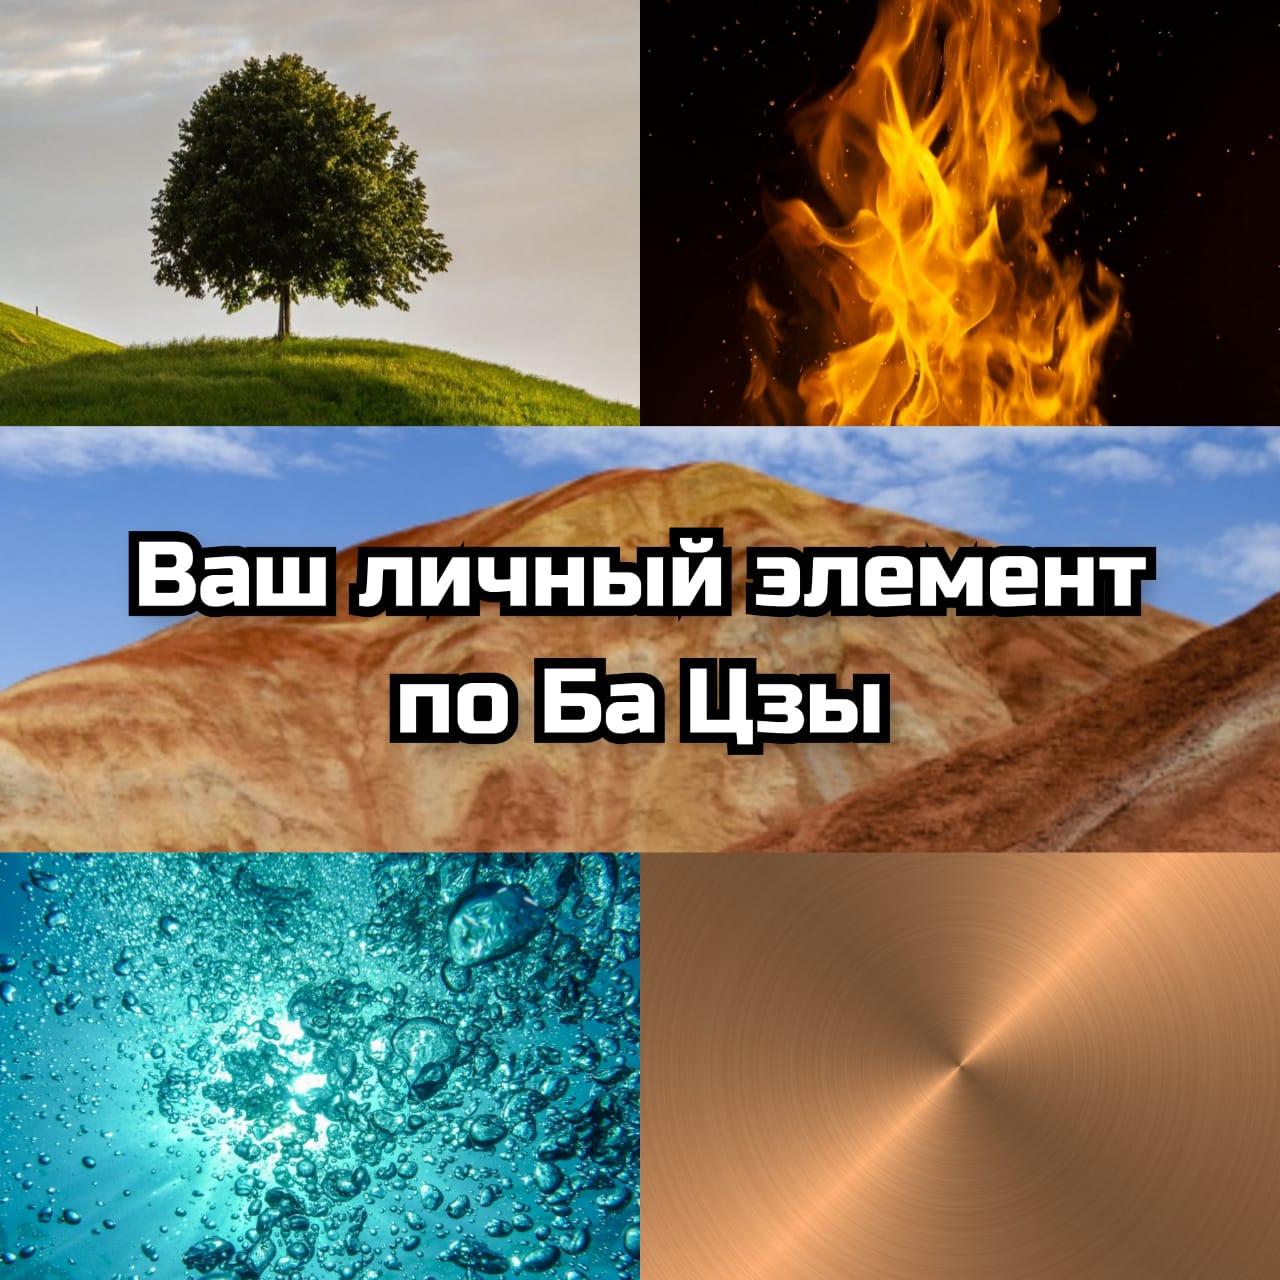 Личный элемент по Ба Цзы • Fengshuimaster.Ru